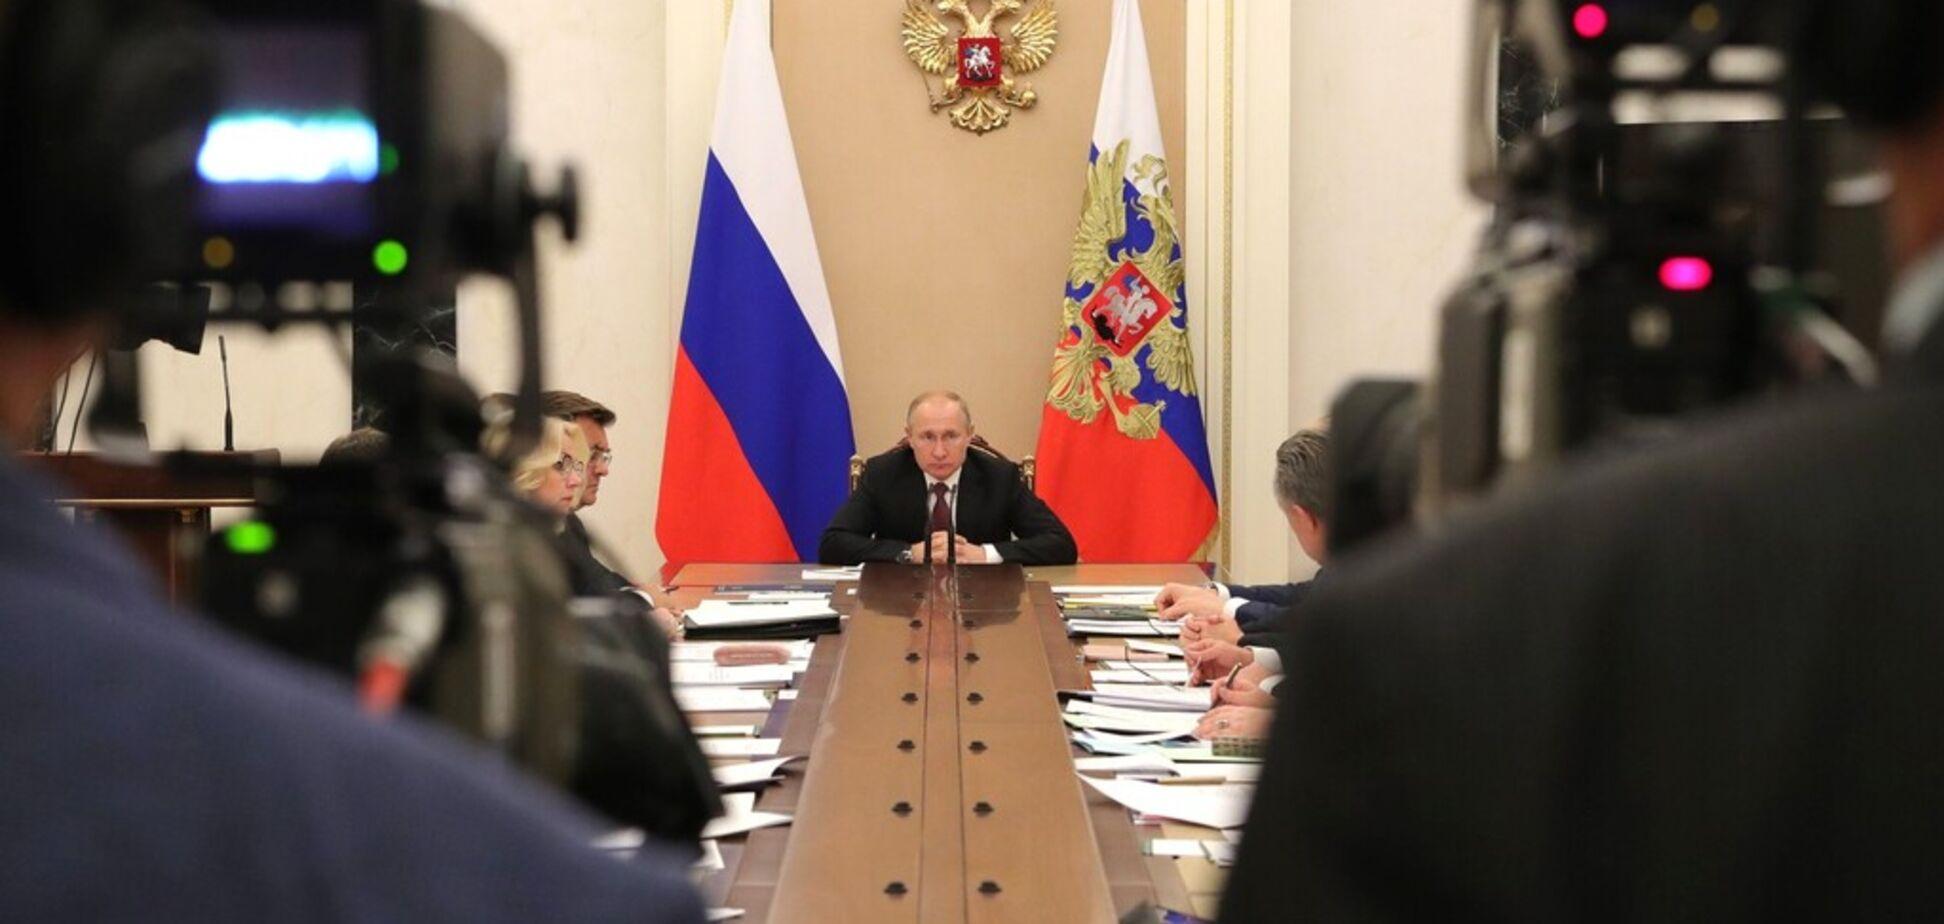 В Украине может появиться свой Путин: Киселев предупредил об опасности